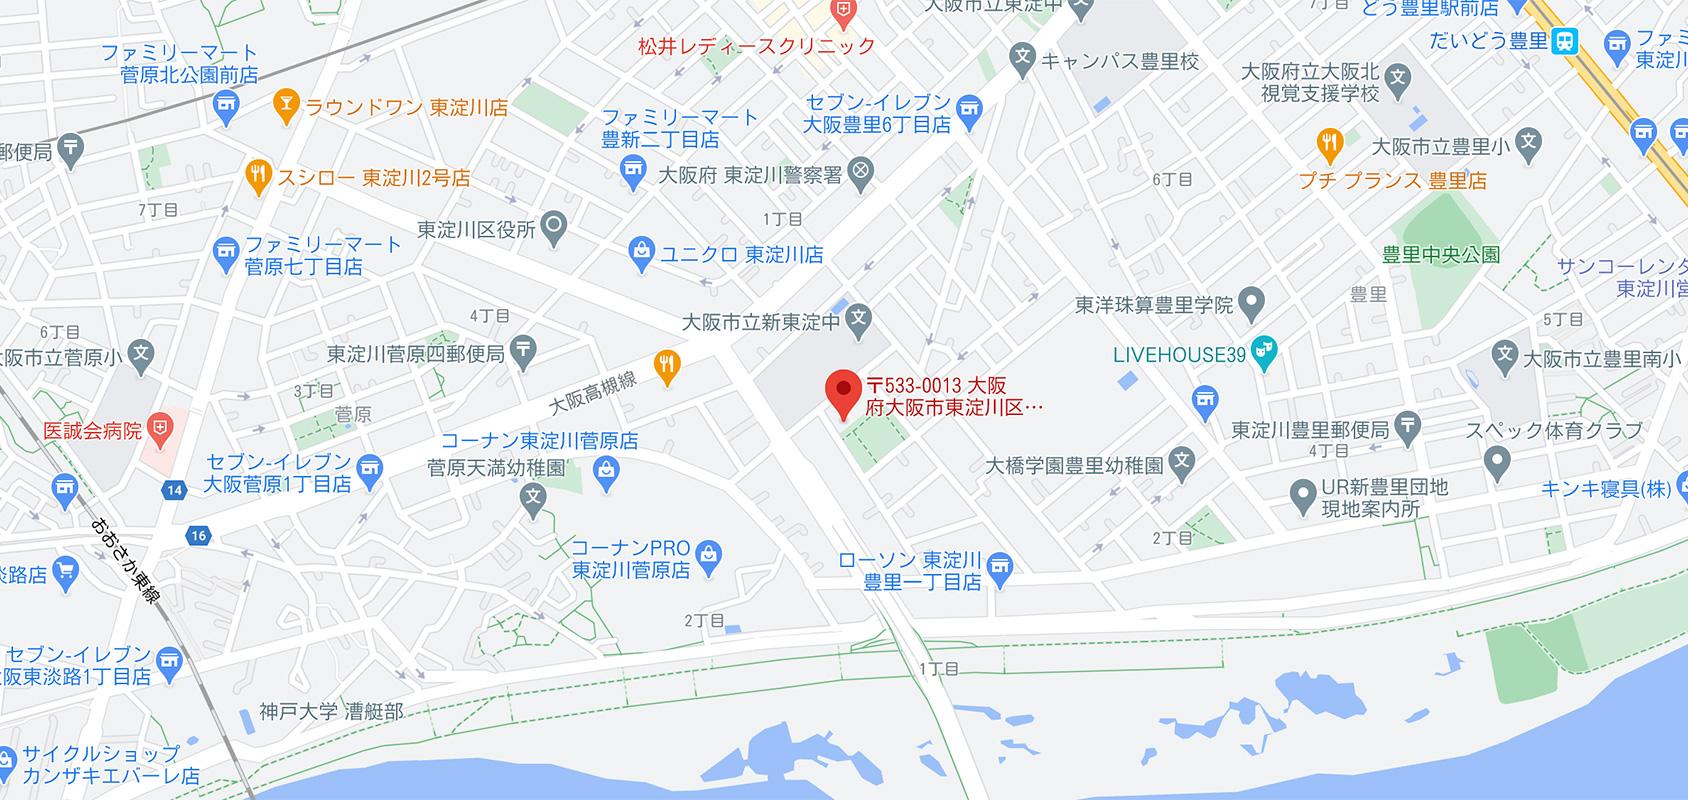 大阪物流倉庫